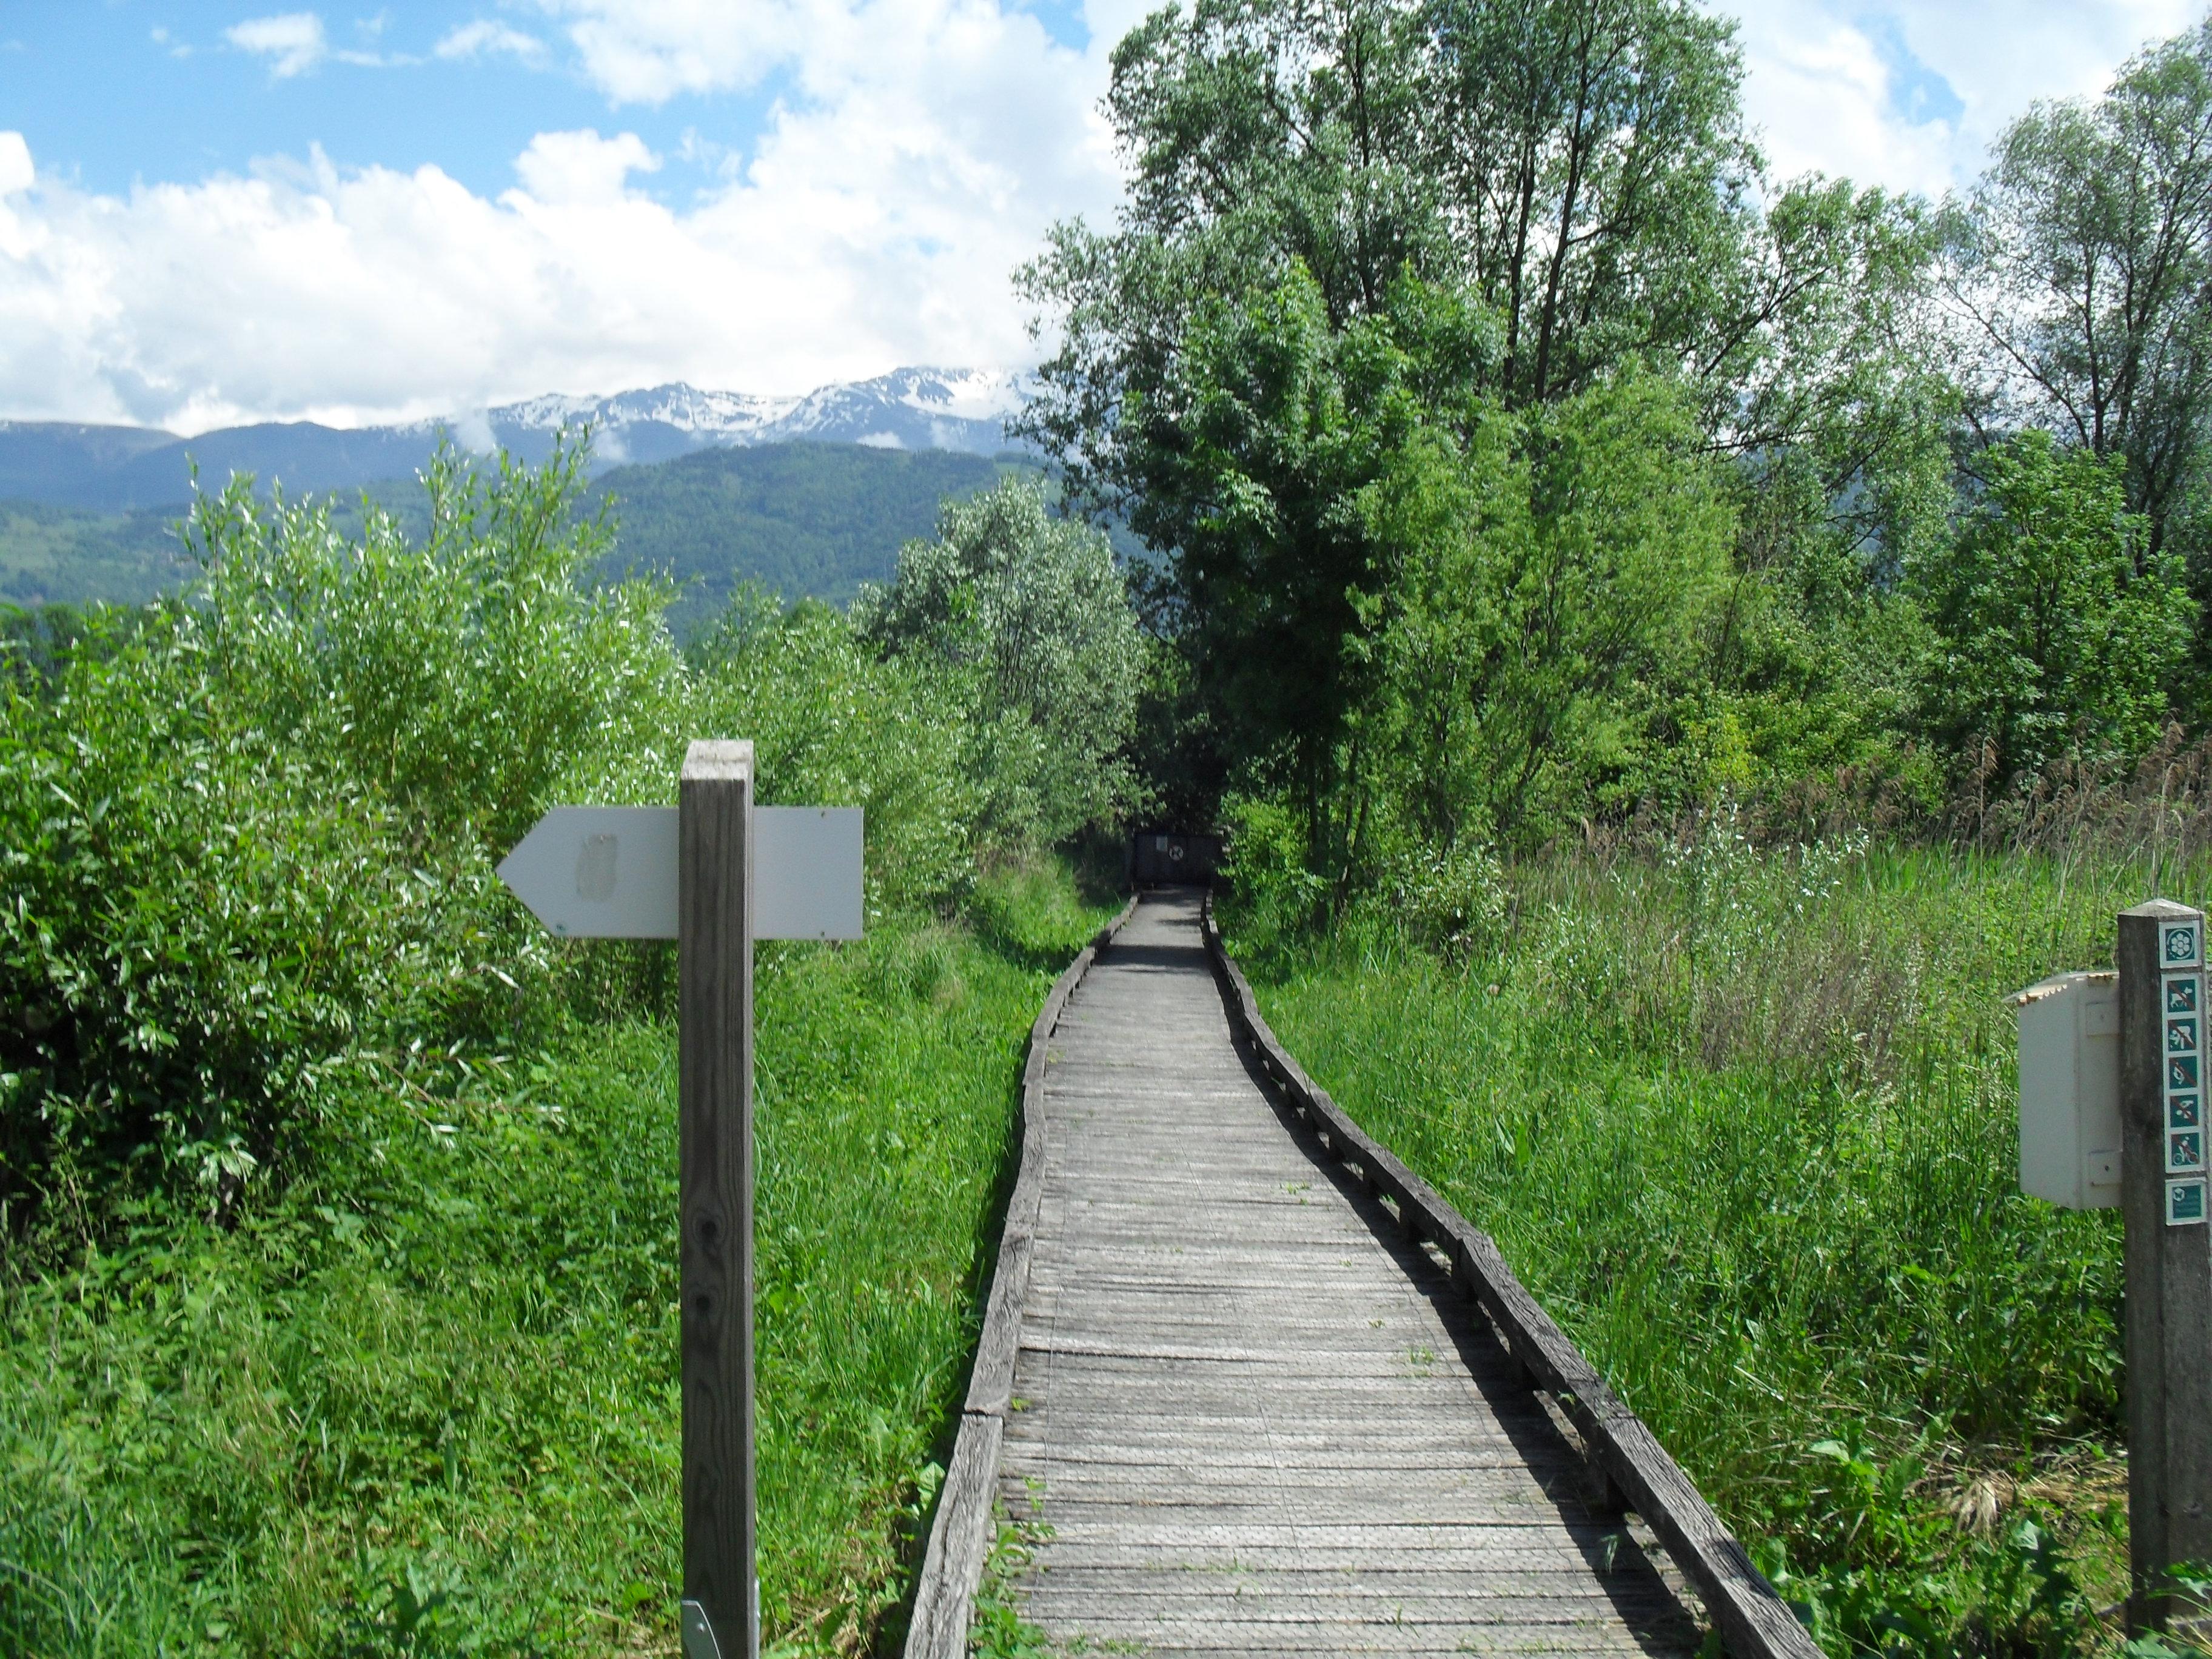 Sentier sur caillebotis